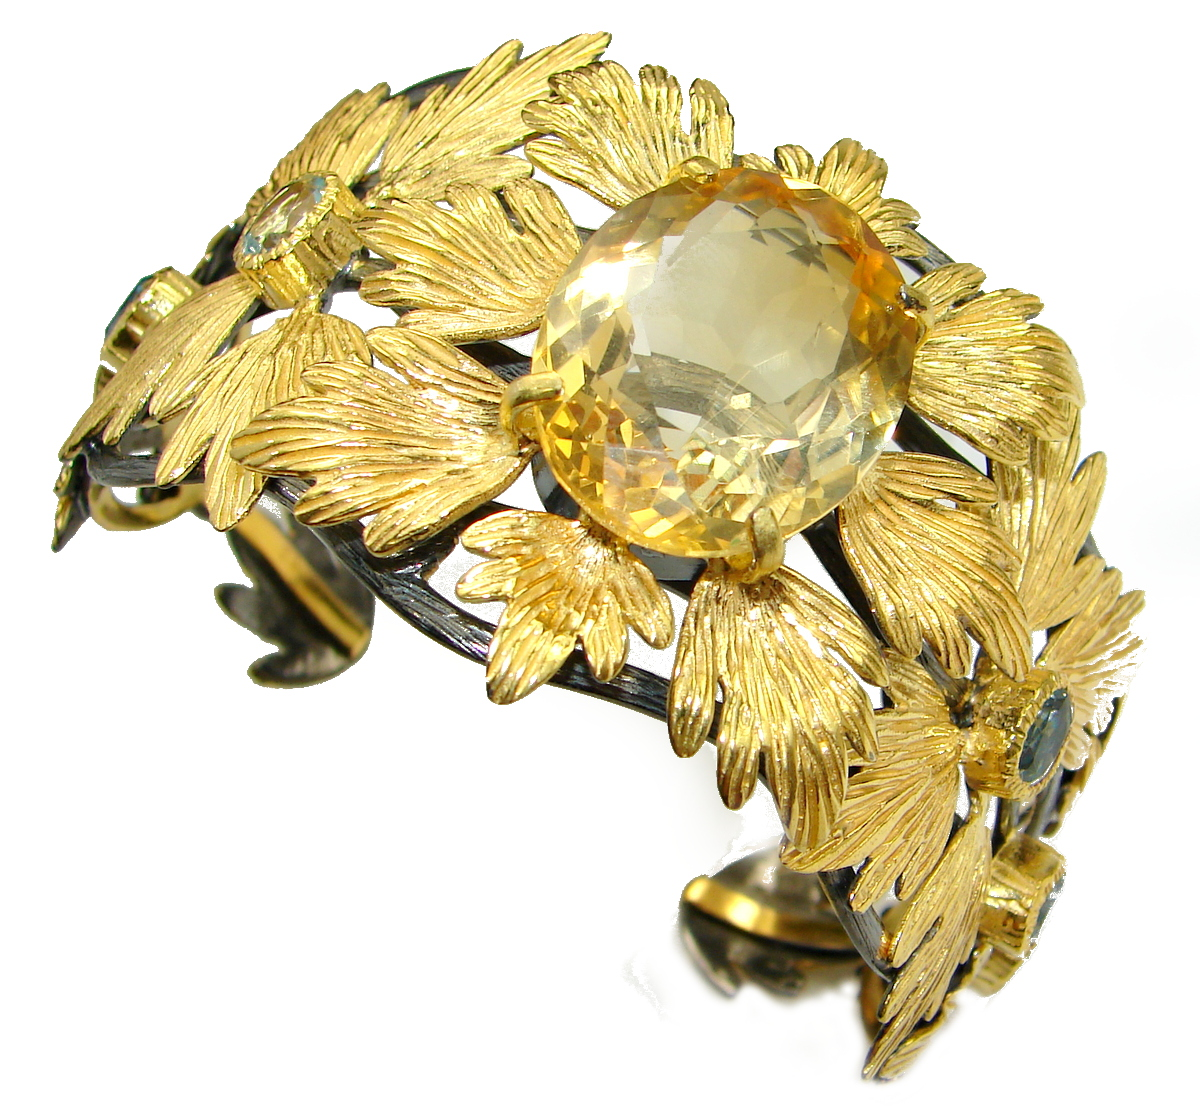 Spectacular Genuine Citrine 14K Gold over .925 Sterling Silver Bracelet / Cuff